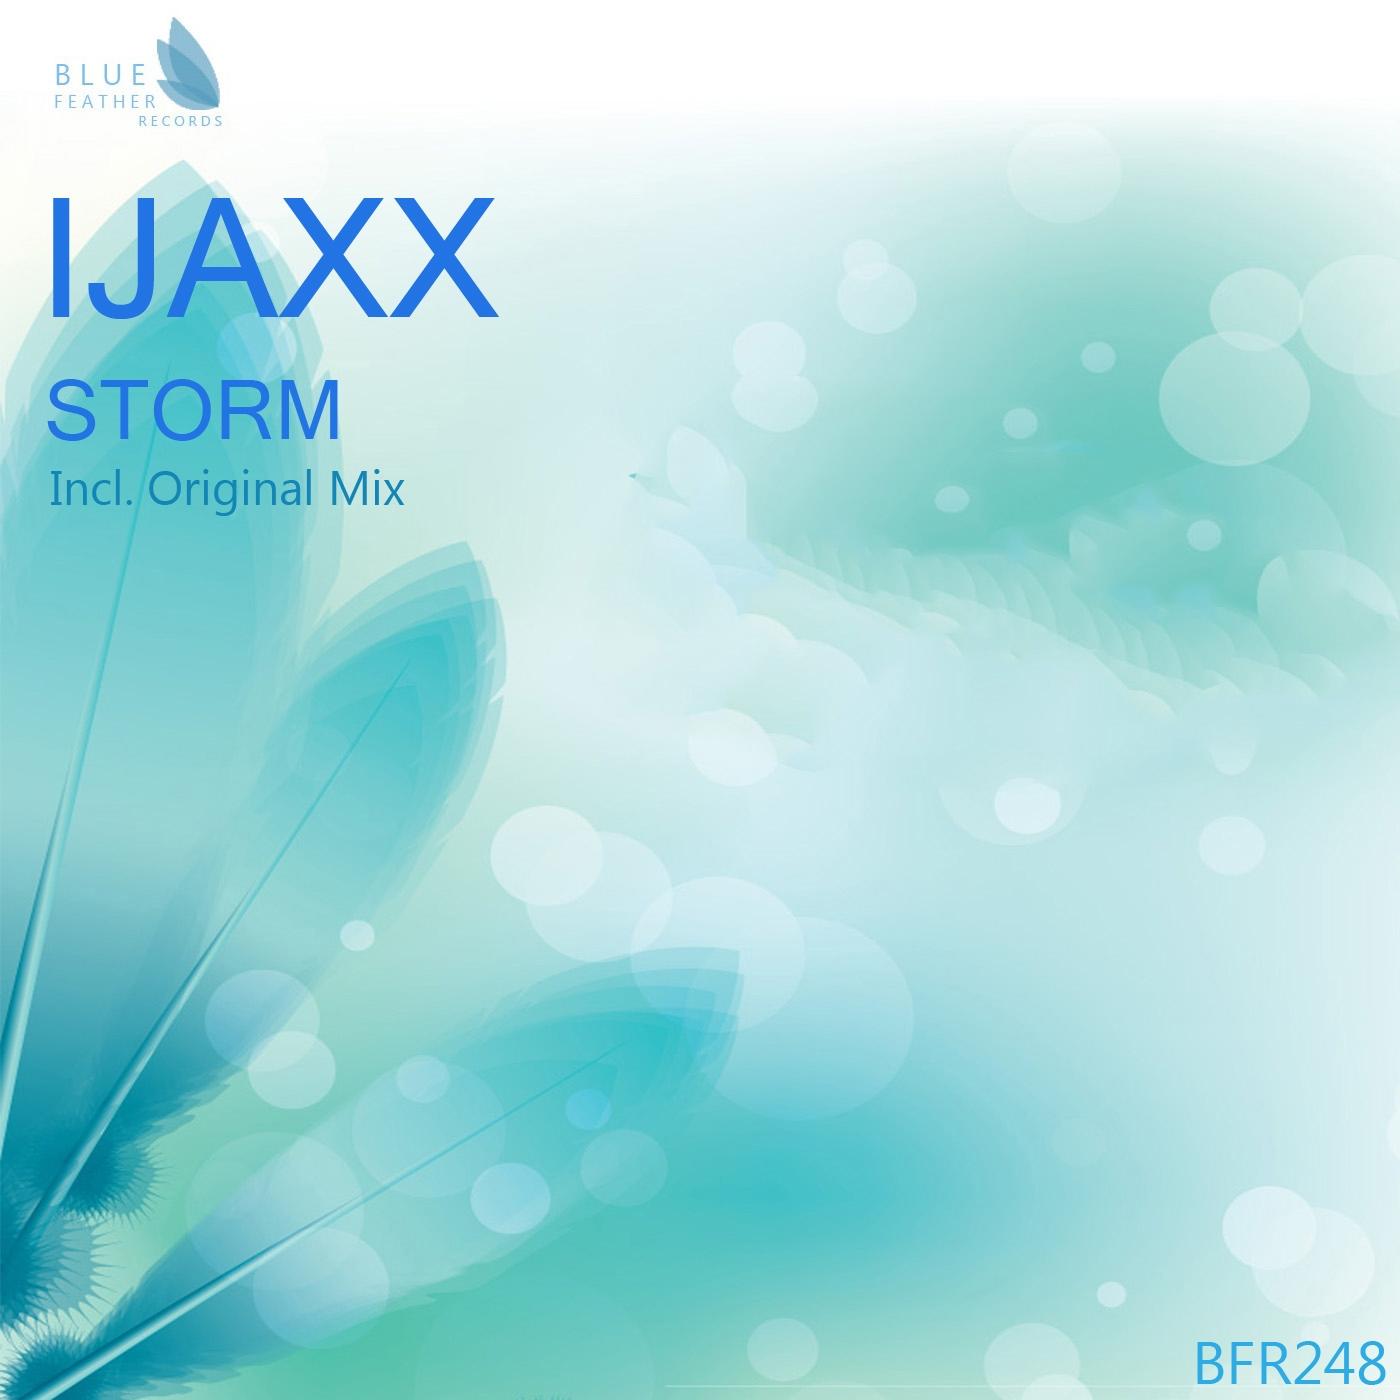 iJaxx - Storm (Original Mix)